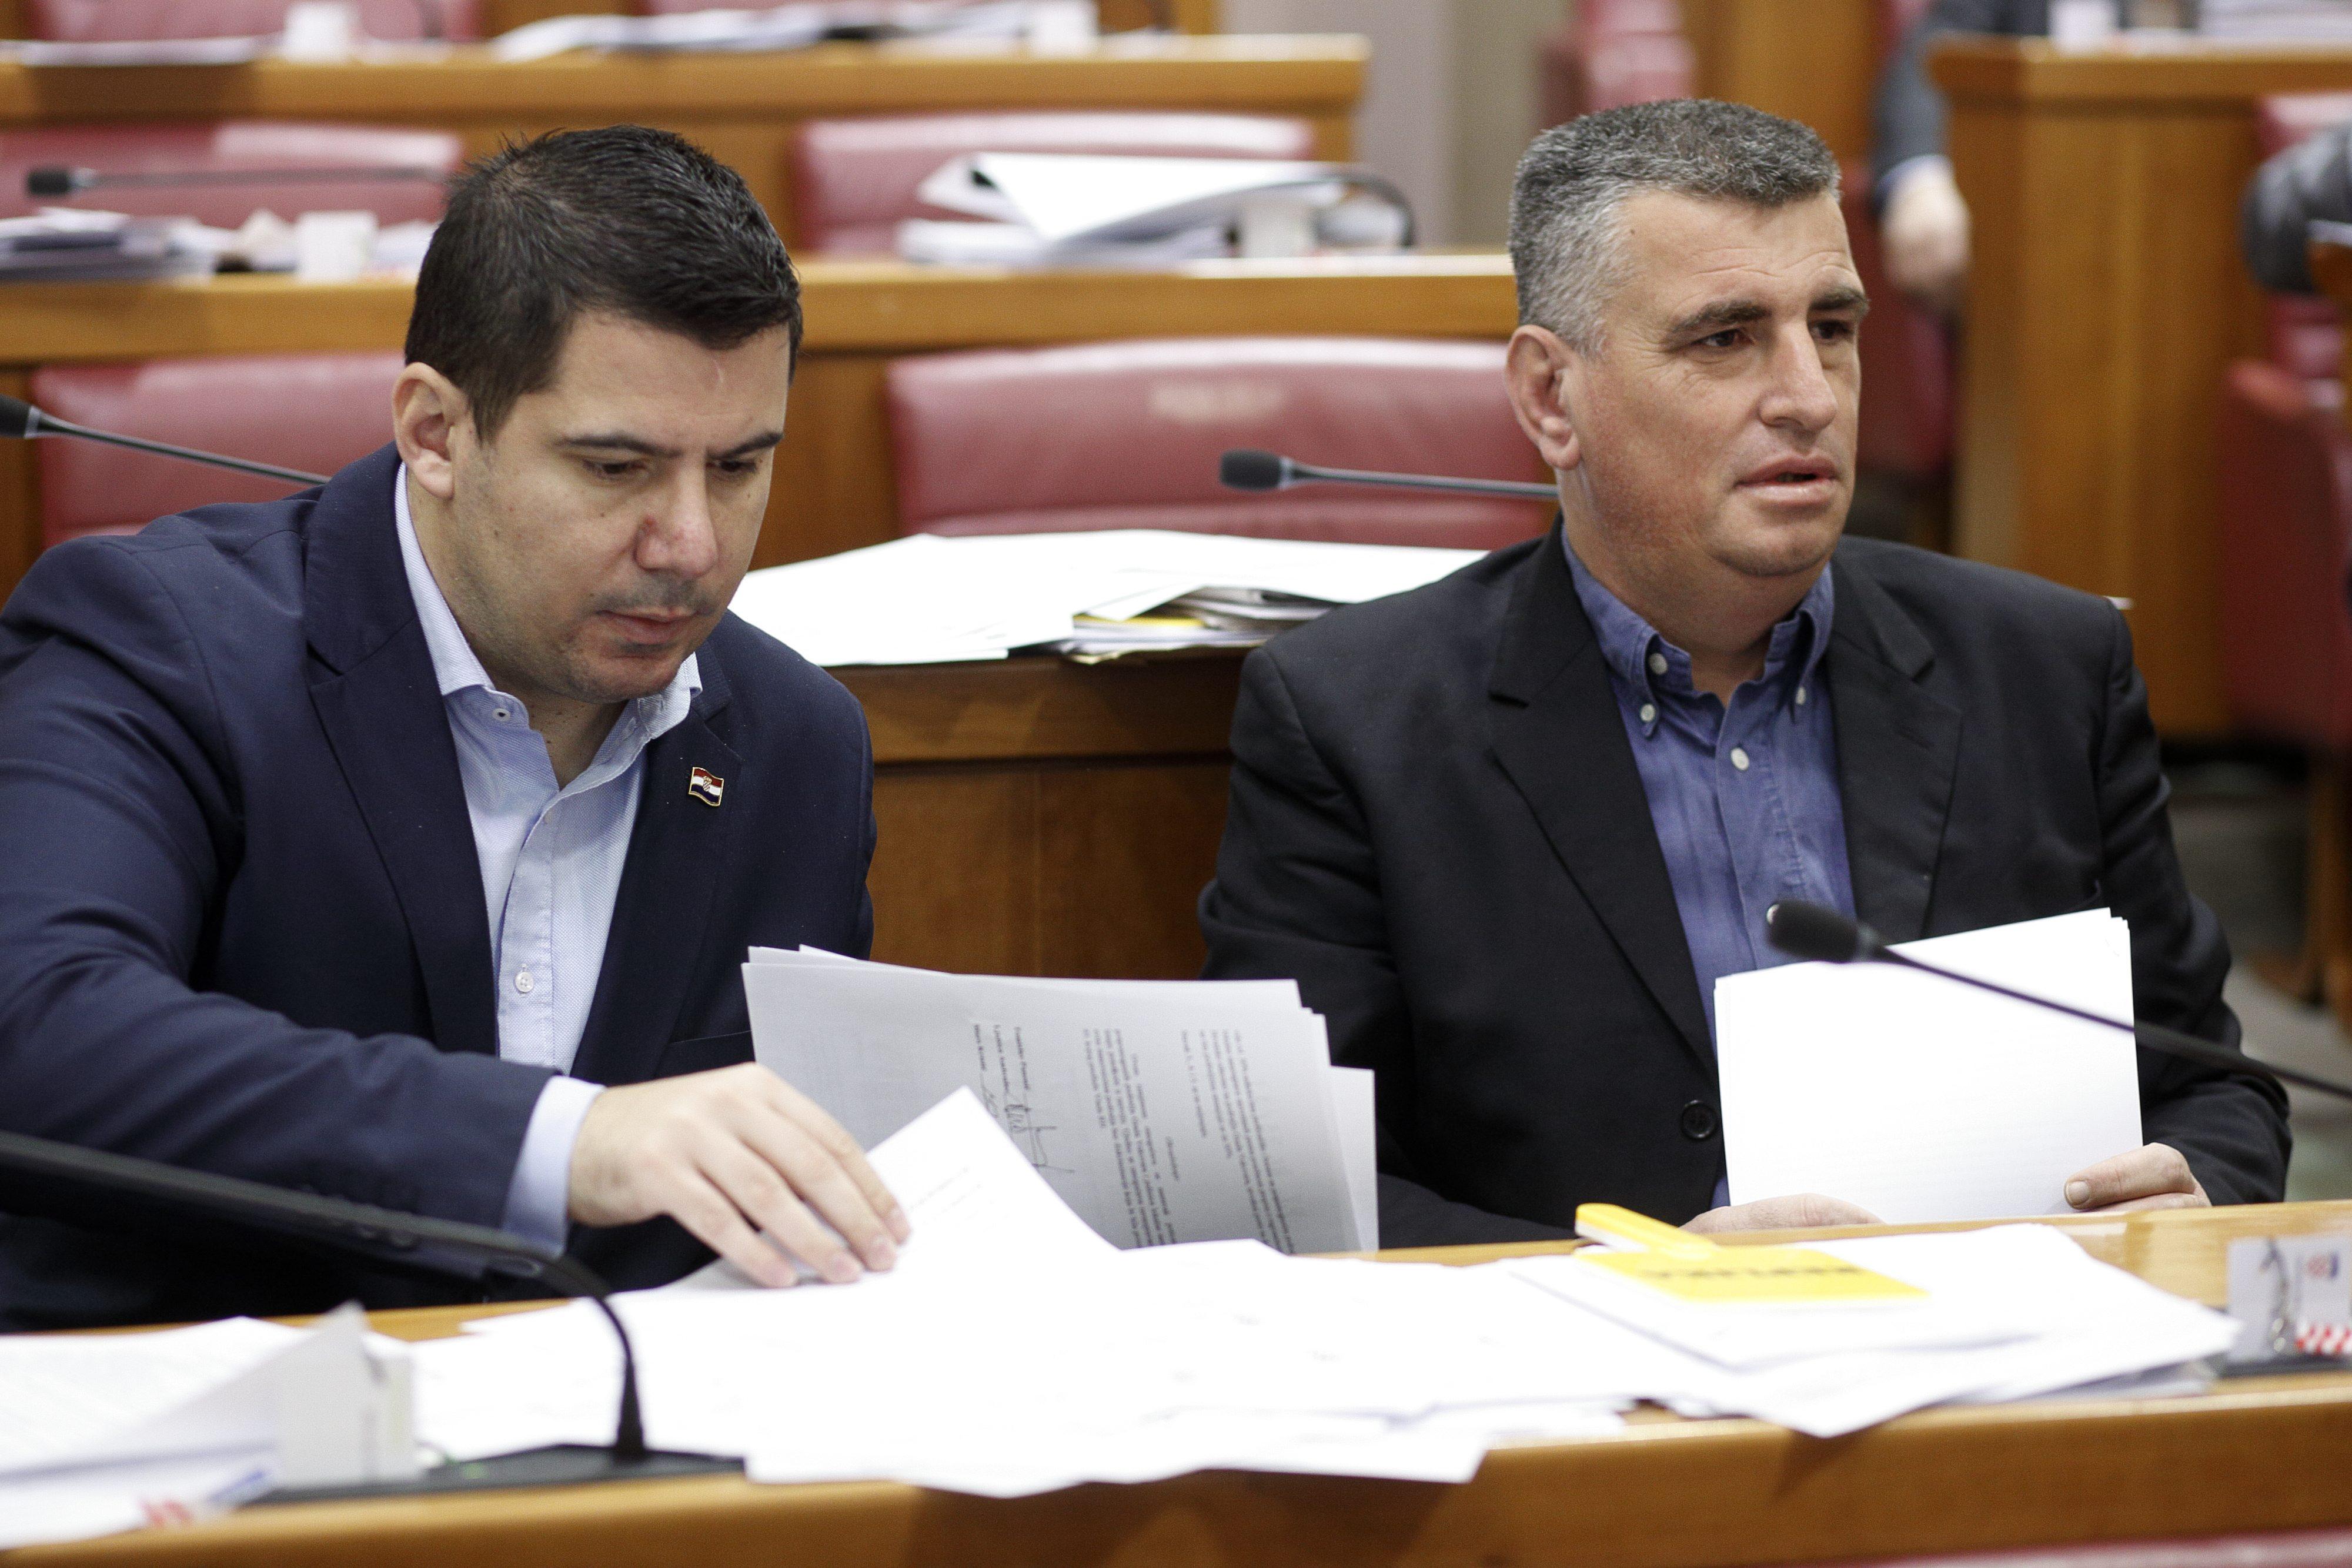 BULJ: Pupovac iskorištava fiktivno prijavljene glasače za osobnu korist